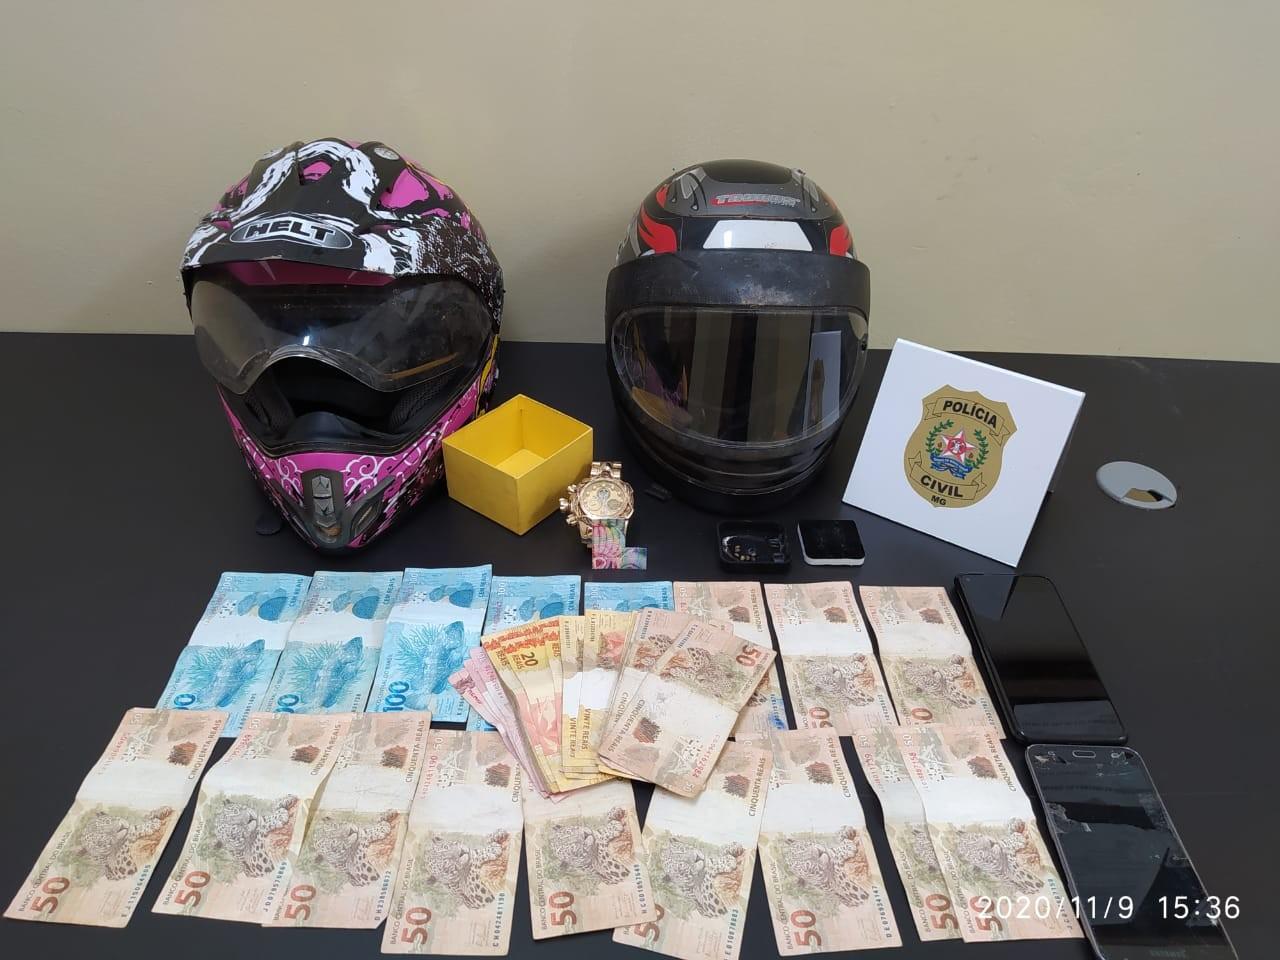 Chefe do tráfico de drogas de Ipanema é condenado a 14 anos de prisão